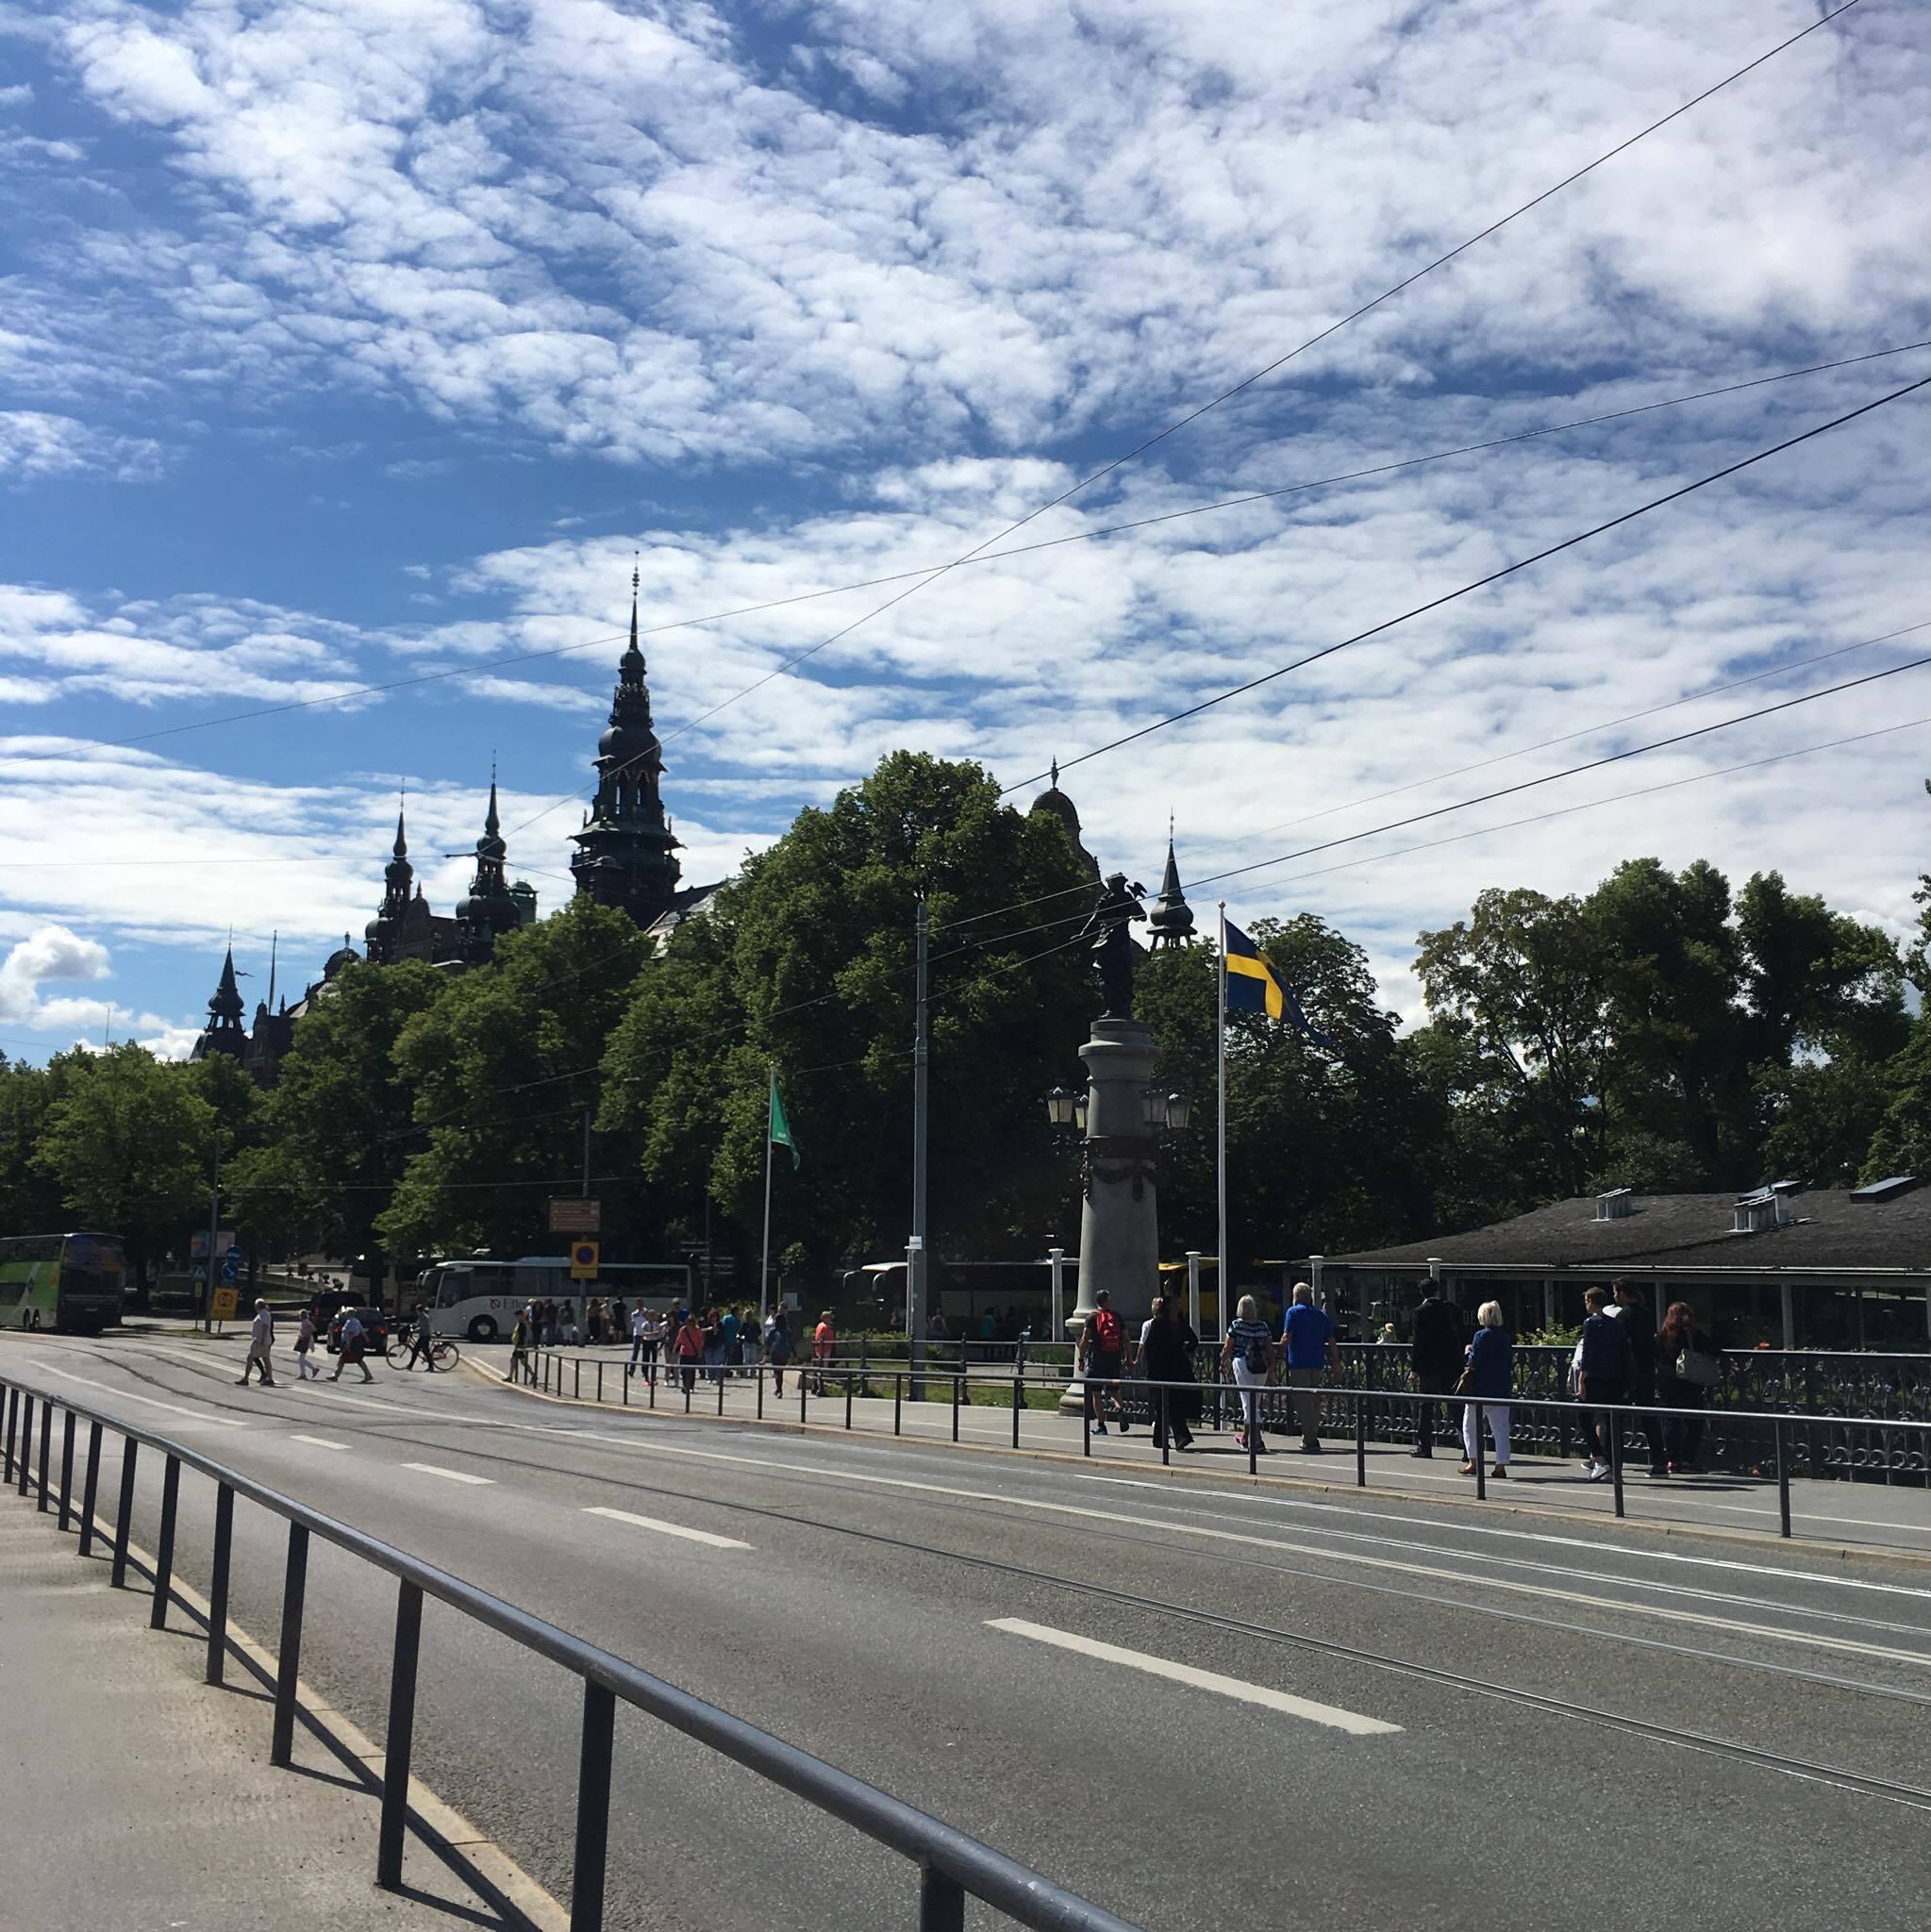 WEEKEND GETAWAY / STOCKHOLM